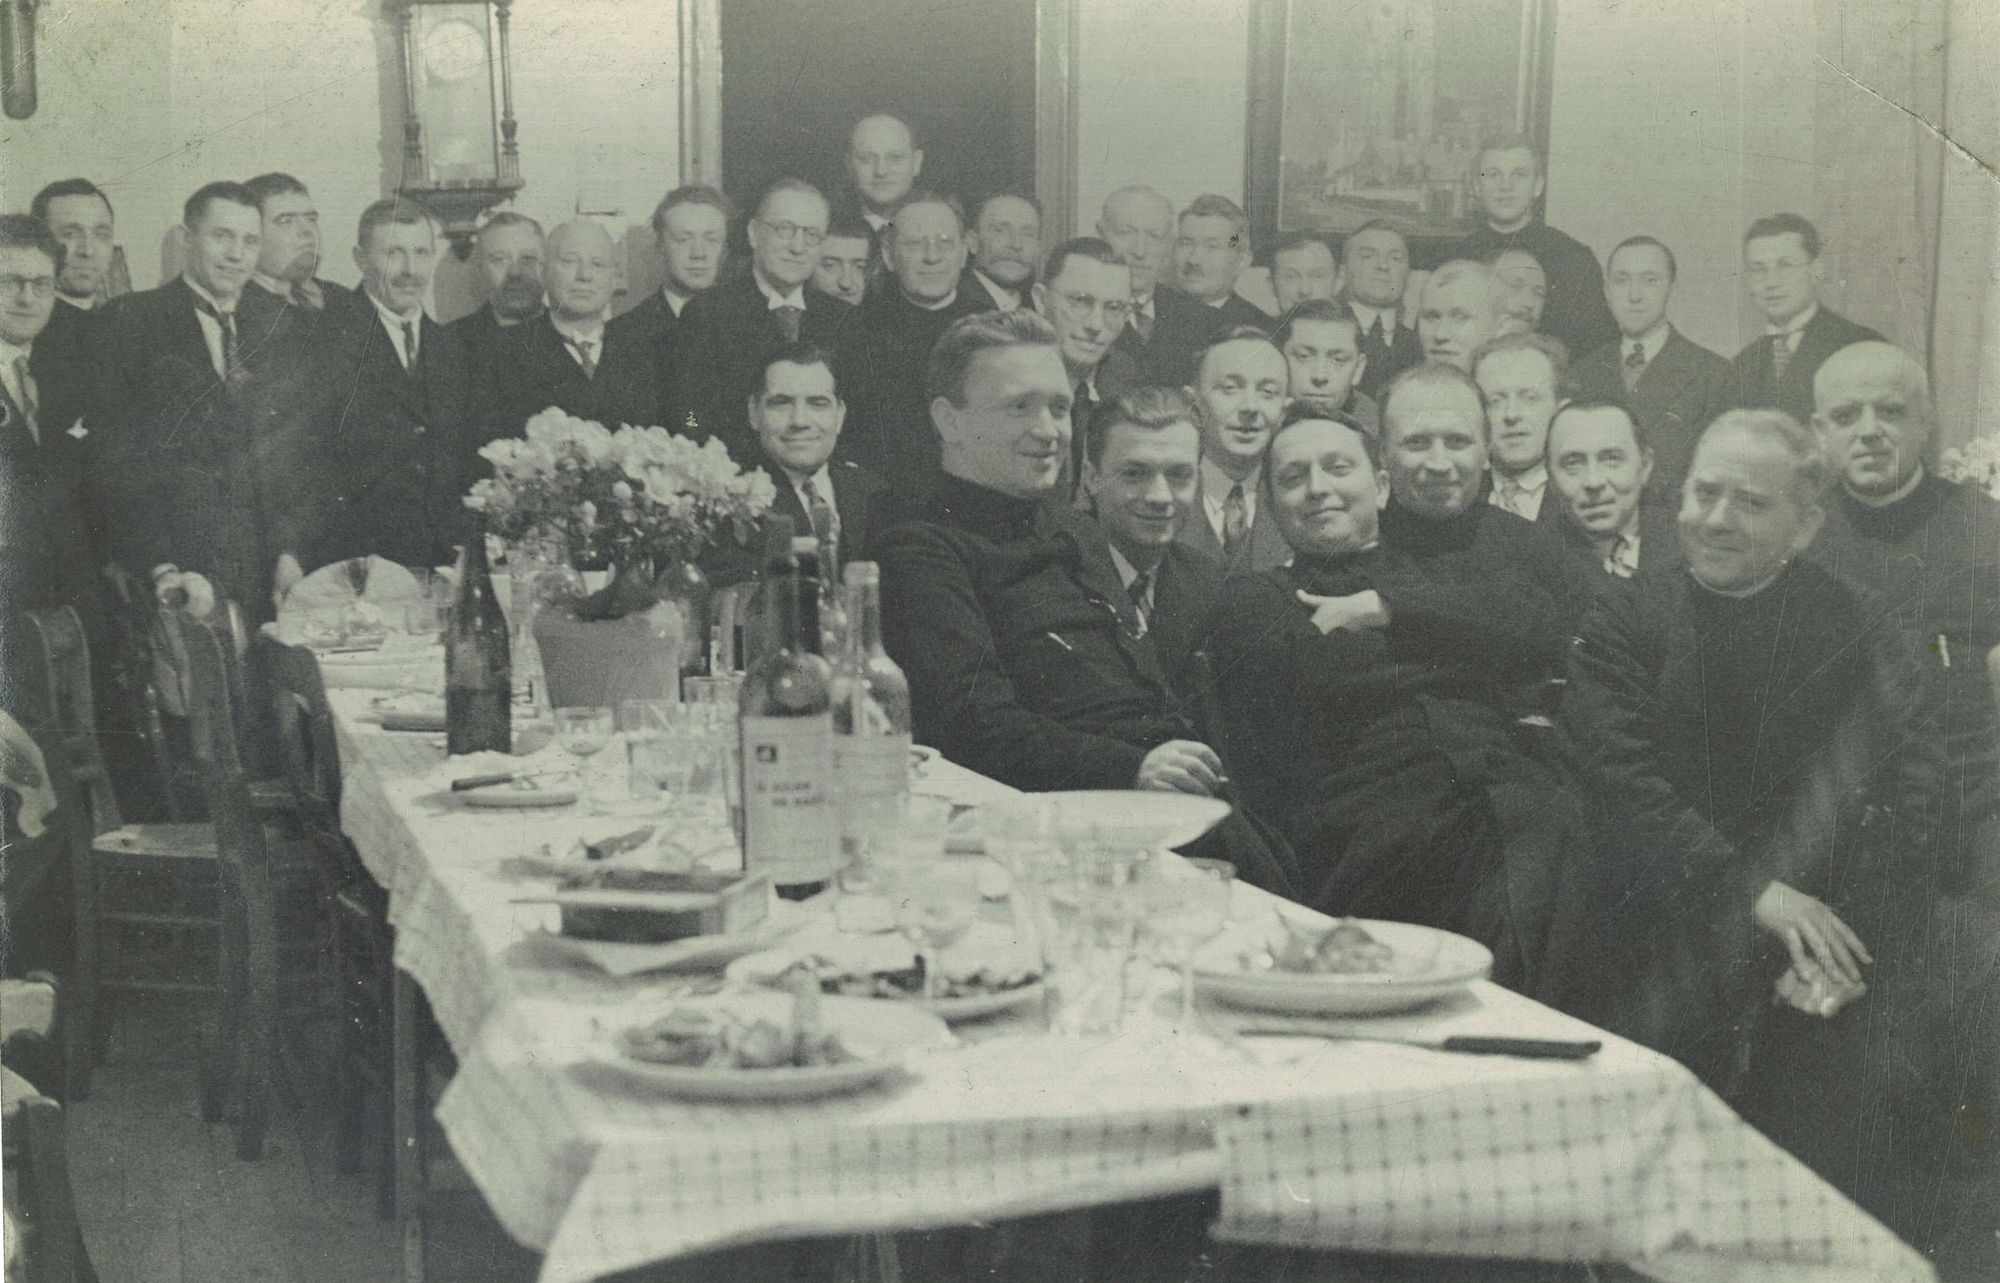 Groepsfoto met broeders en oud-leerlingen tijden een feestmaal